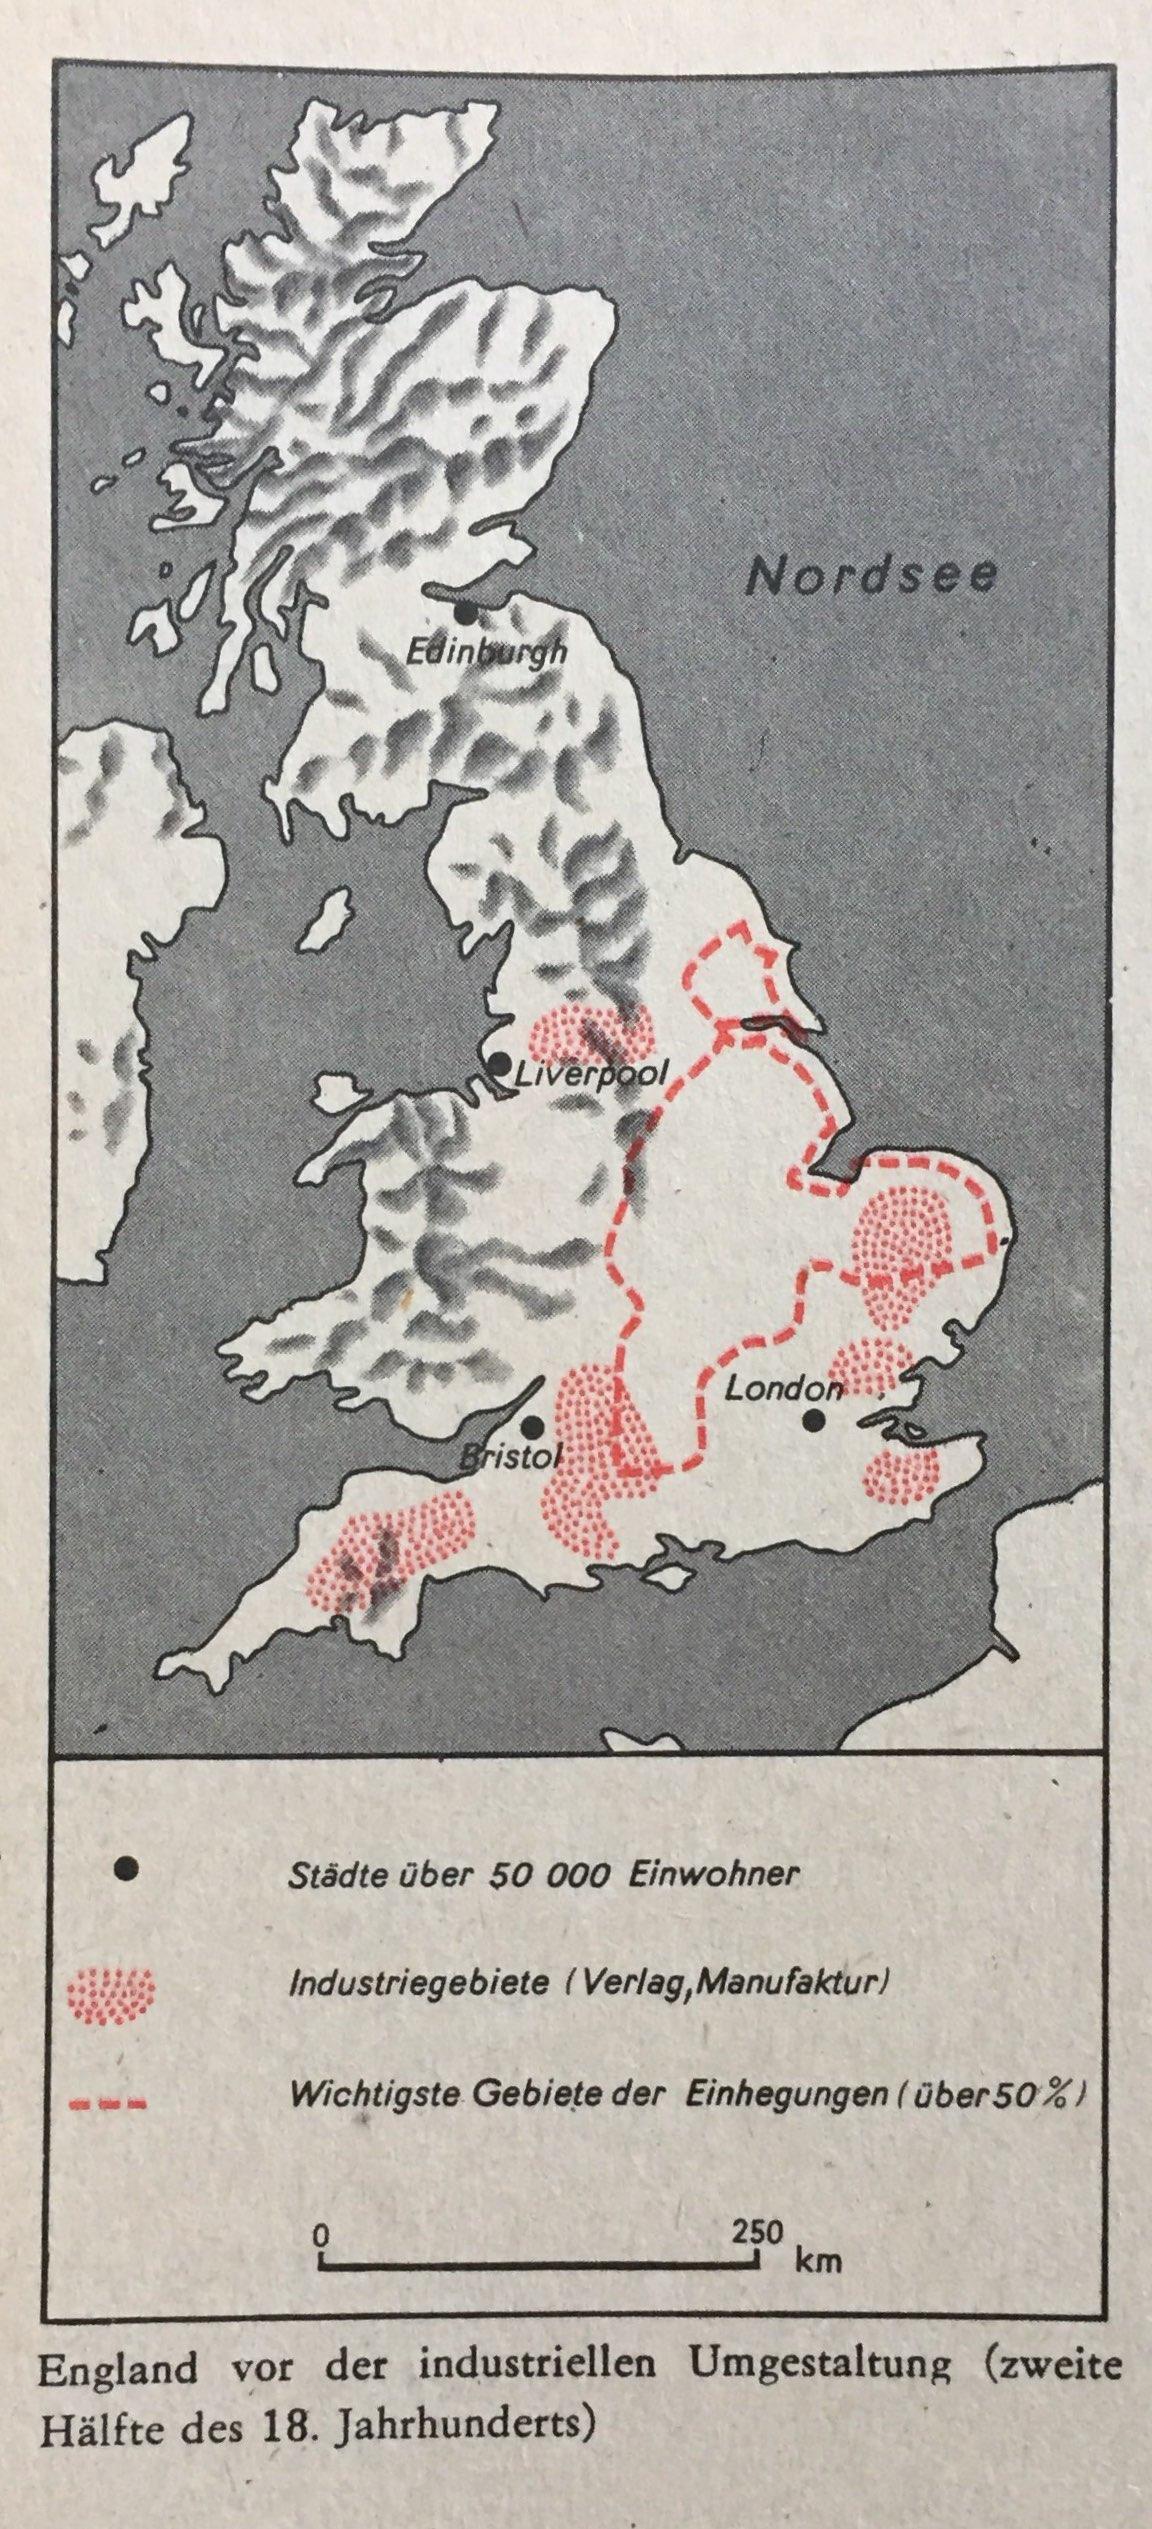 England vor der industriellen Umgestaltung